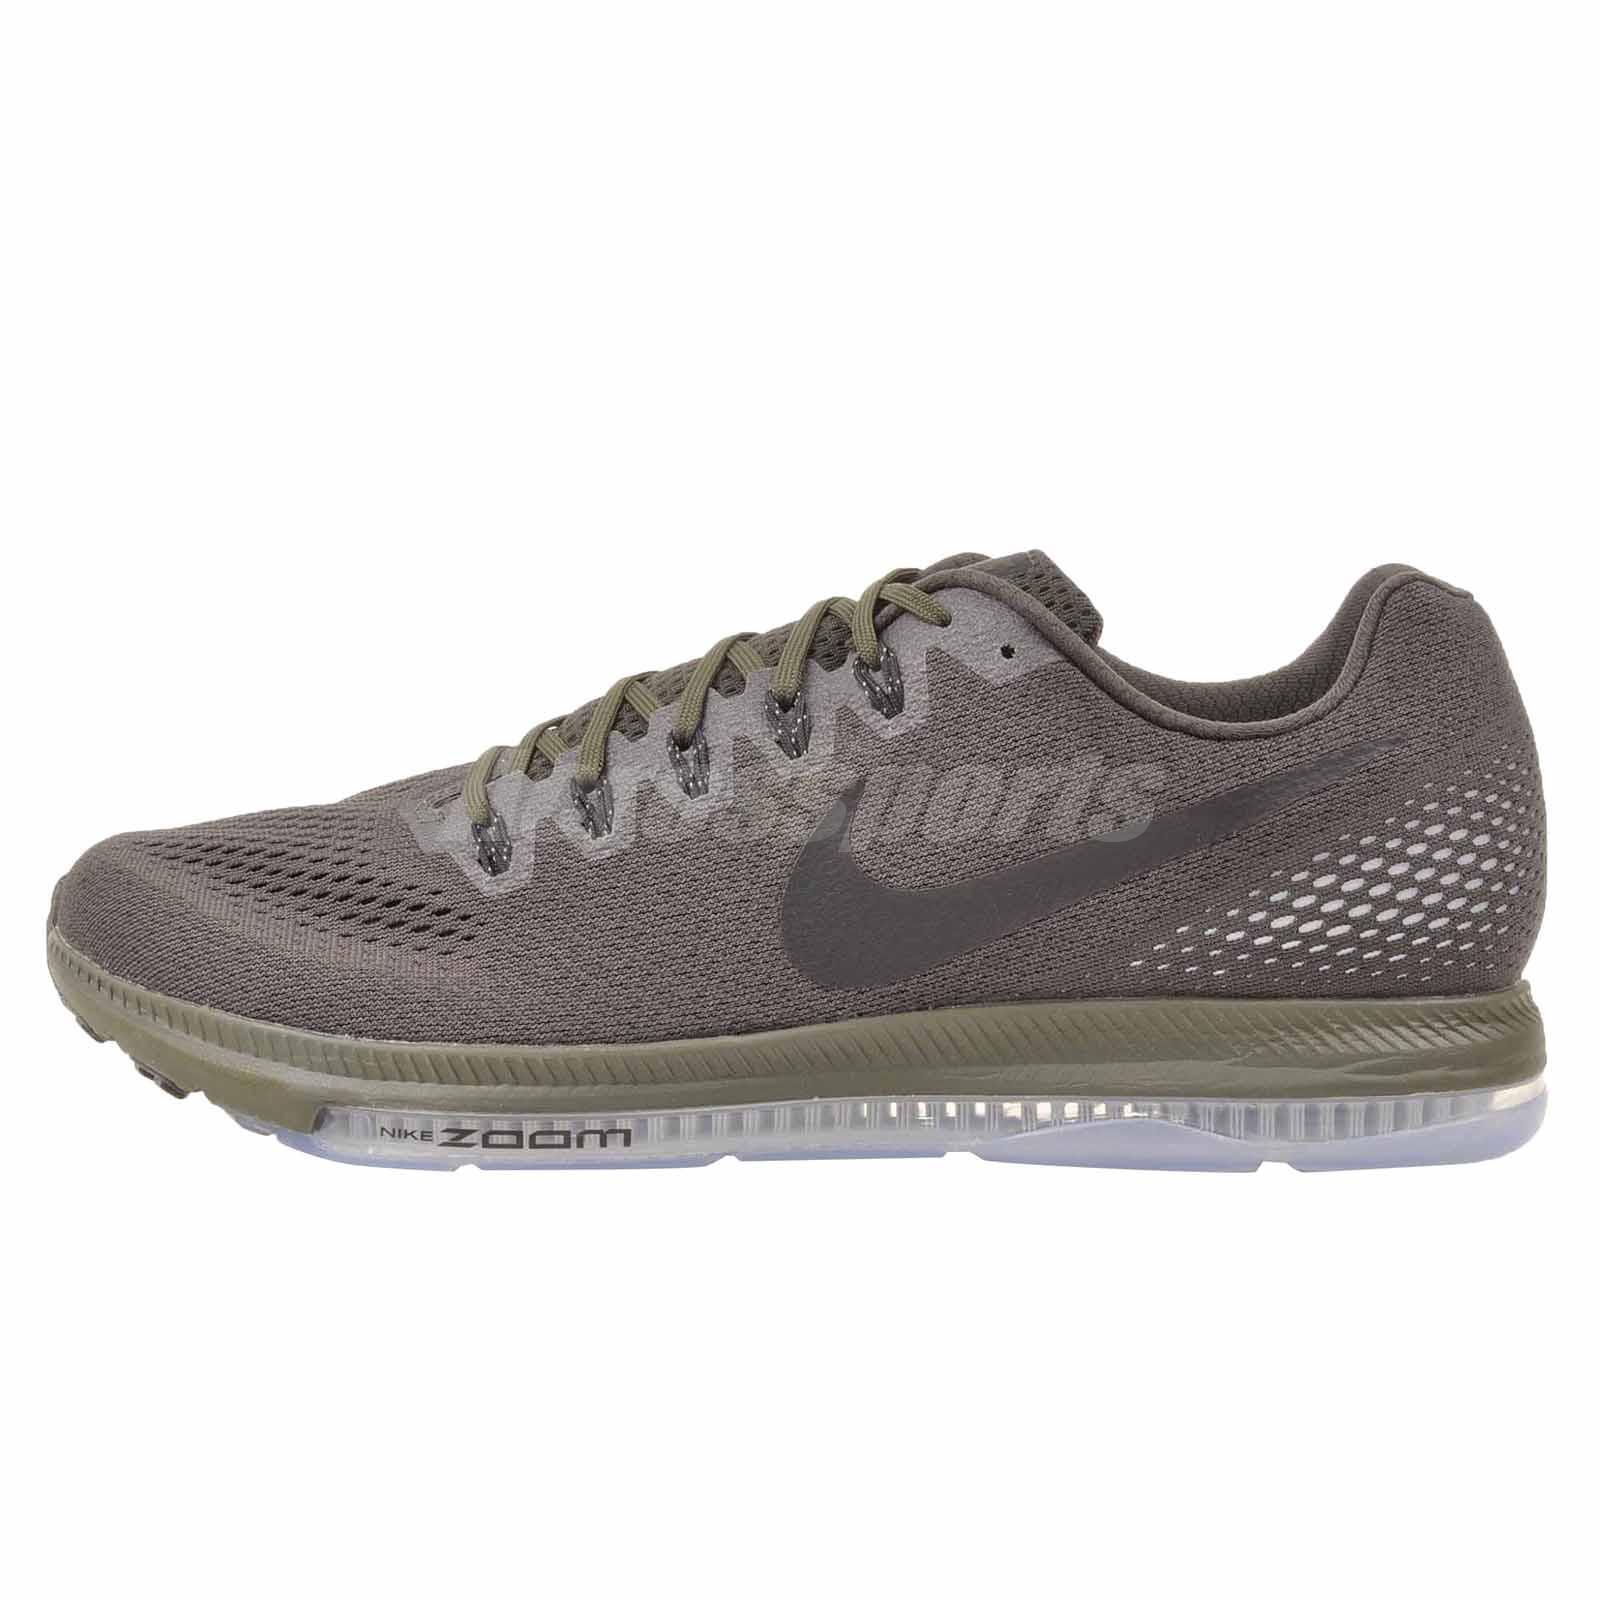 Nike zoom aus niedrigen laufenden mens schuhe sequoia grüne 878670-301